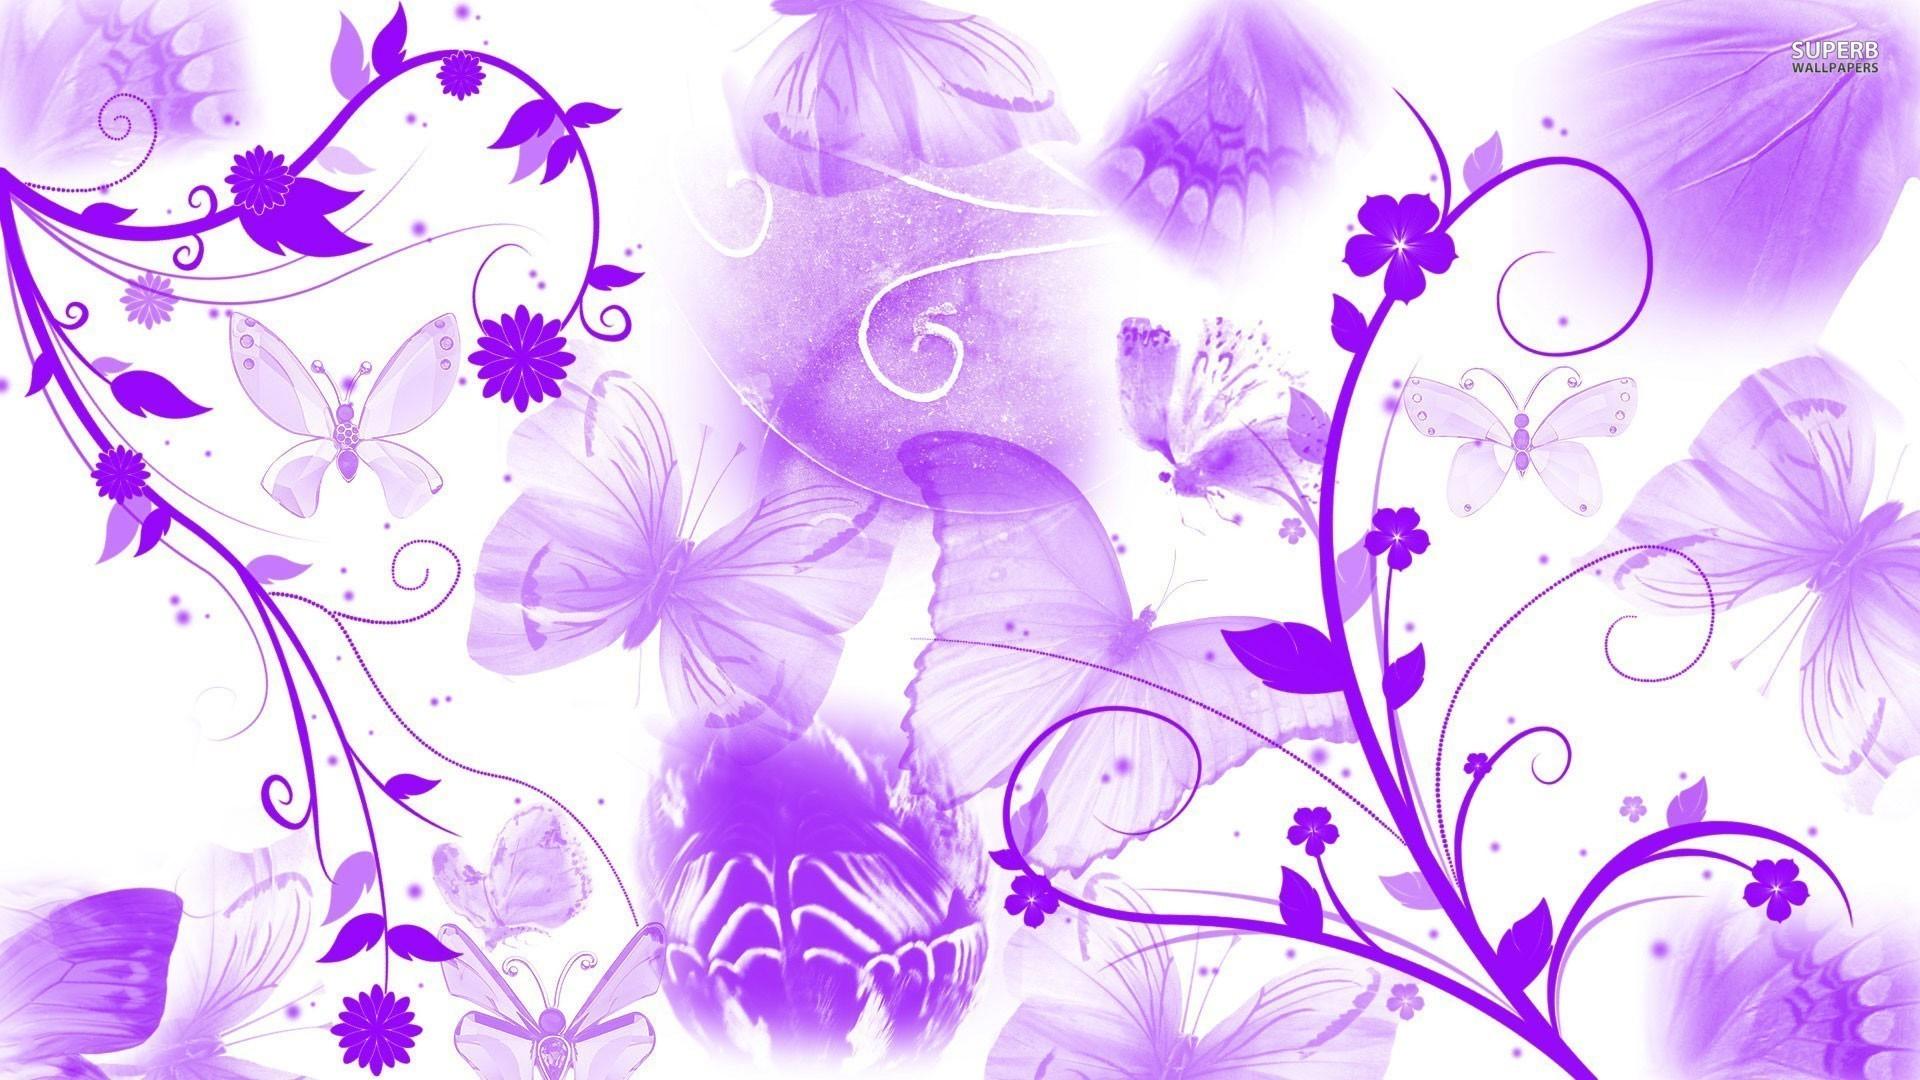 Wallpaper · Butterfly Purple Wallpaper Wallpaper | Green …